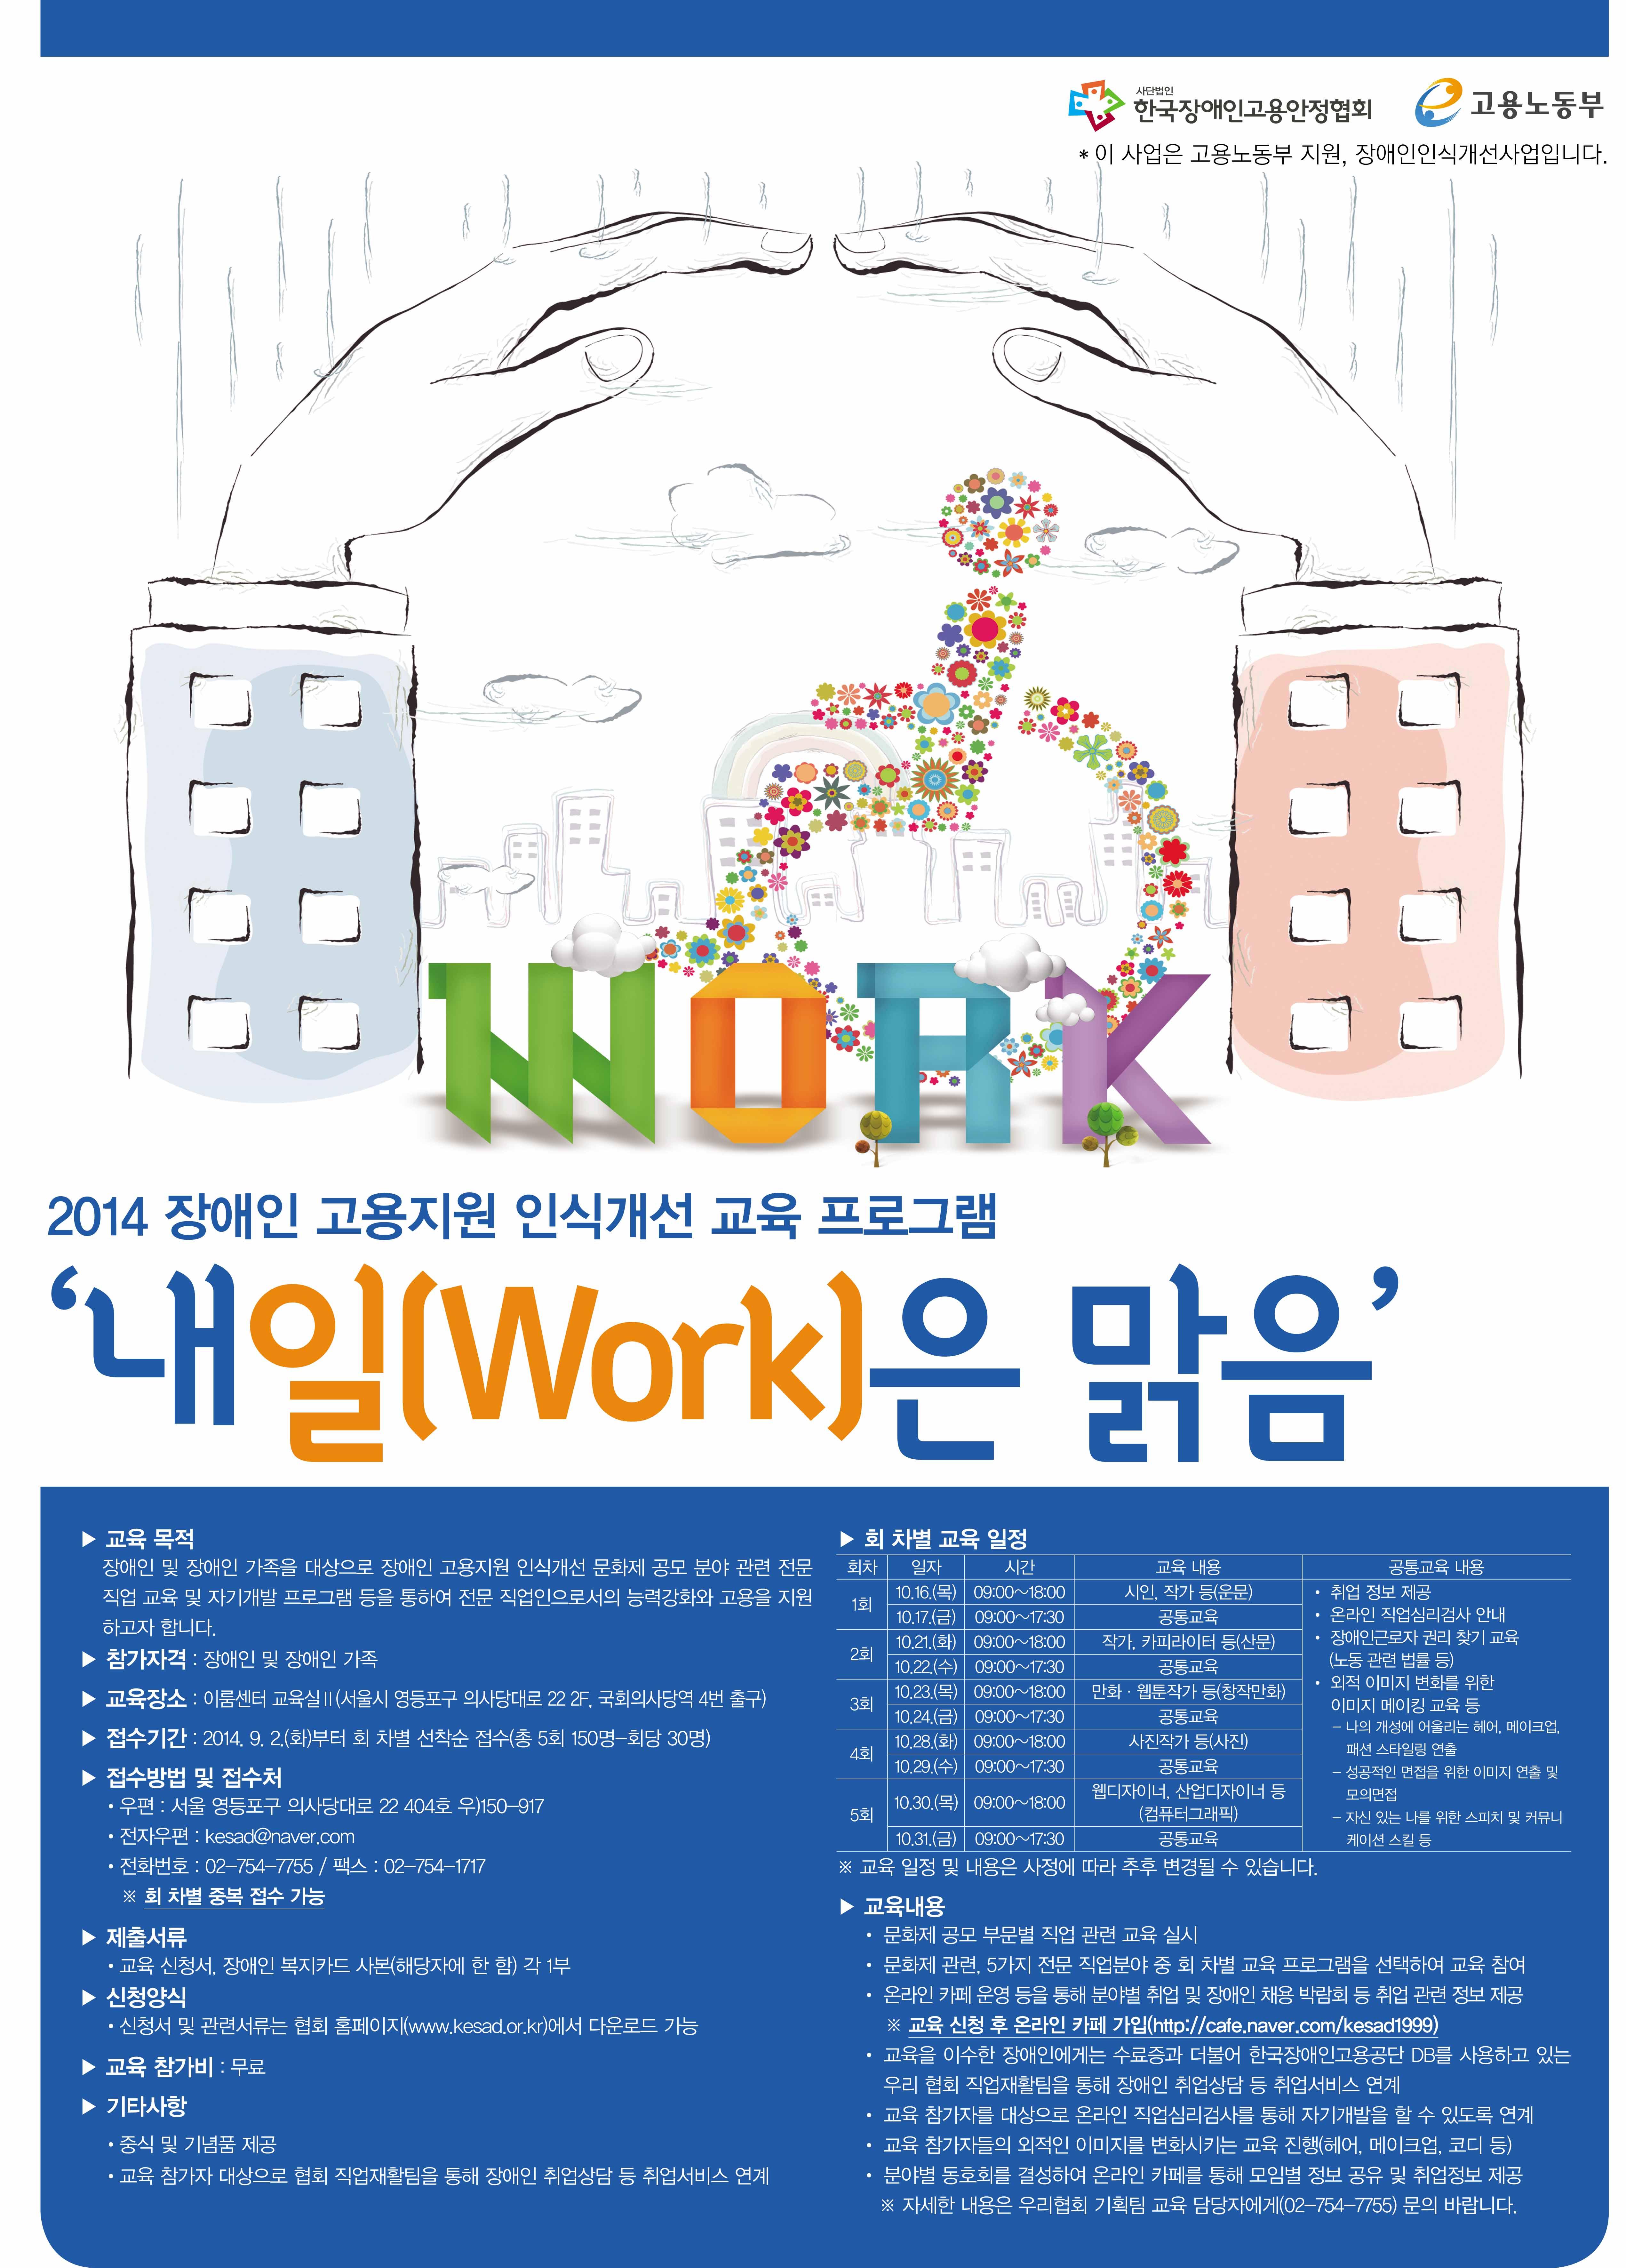 장애인 고용지원 인식개선 '내일(Work)은 맑음' 교육포스터.jpg